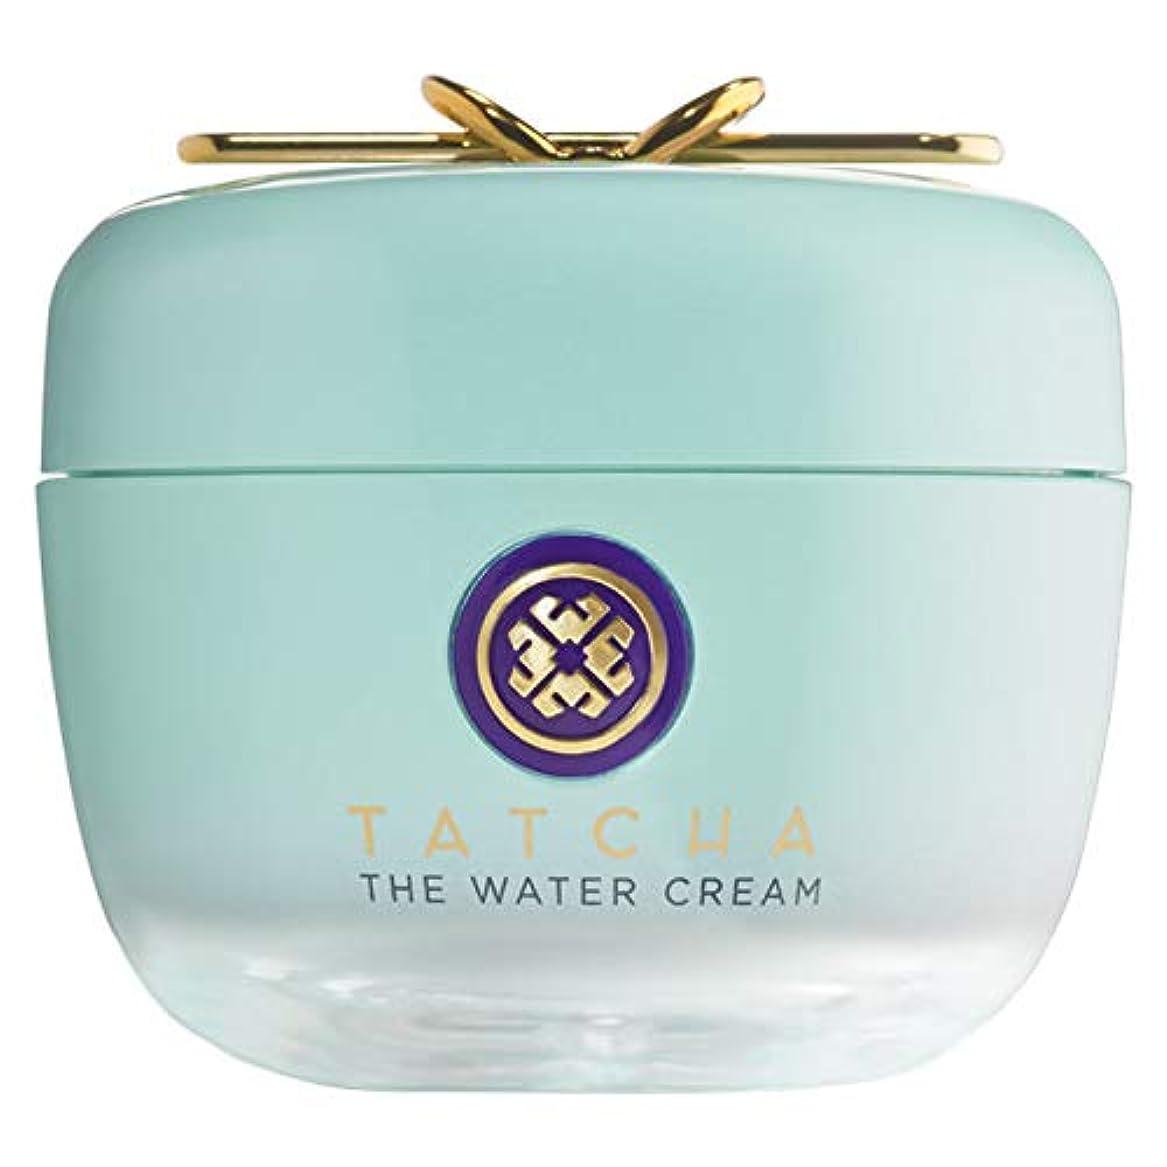 余韻ウェブ活性化TATCHA The Water Cream 50ml タチャ ウォータークリーム